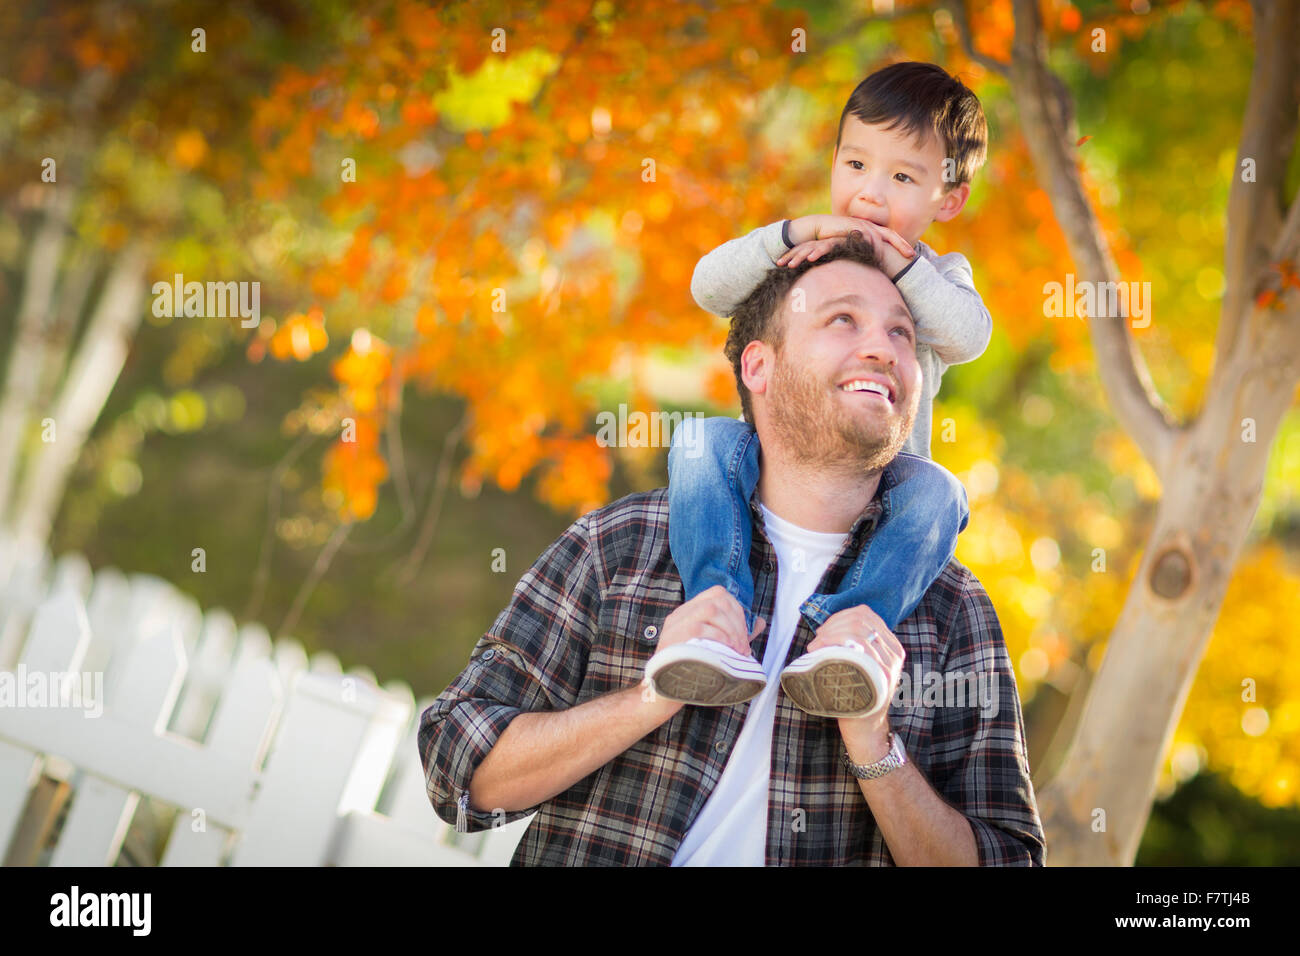 Happy Mixed Race libre sur les épaules du père de race blanche. Photo Stock